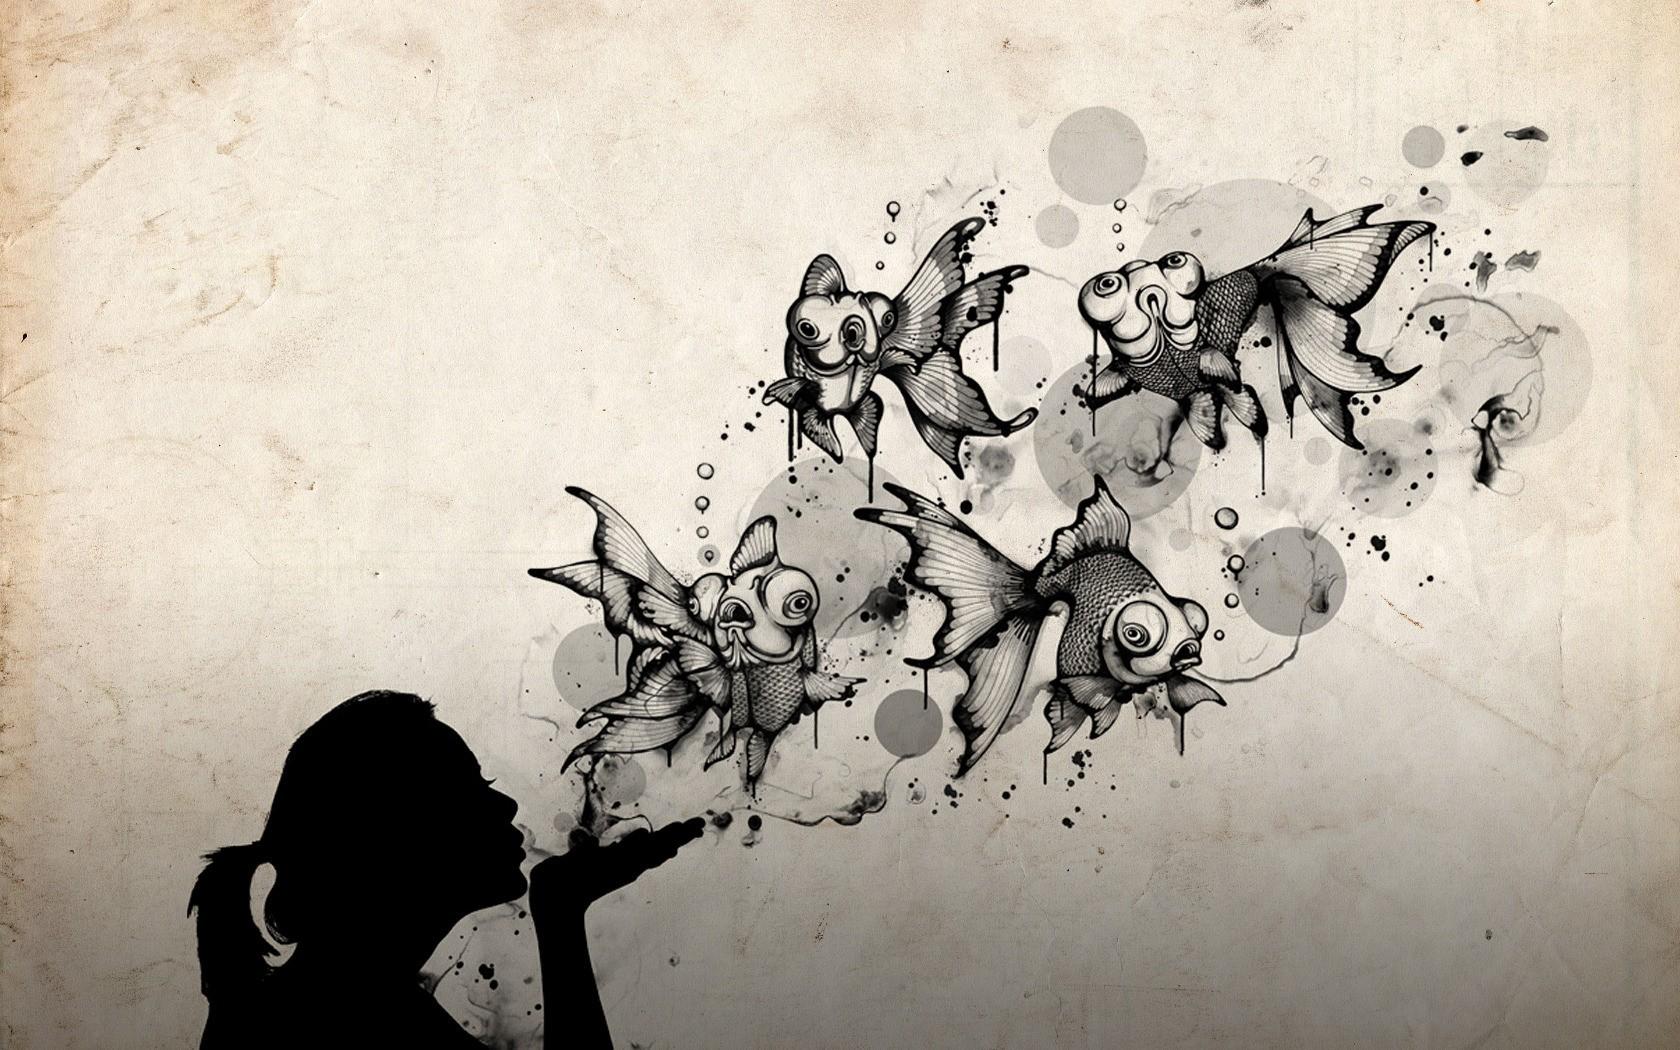 Un beso abstracto - 1680x1050